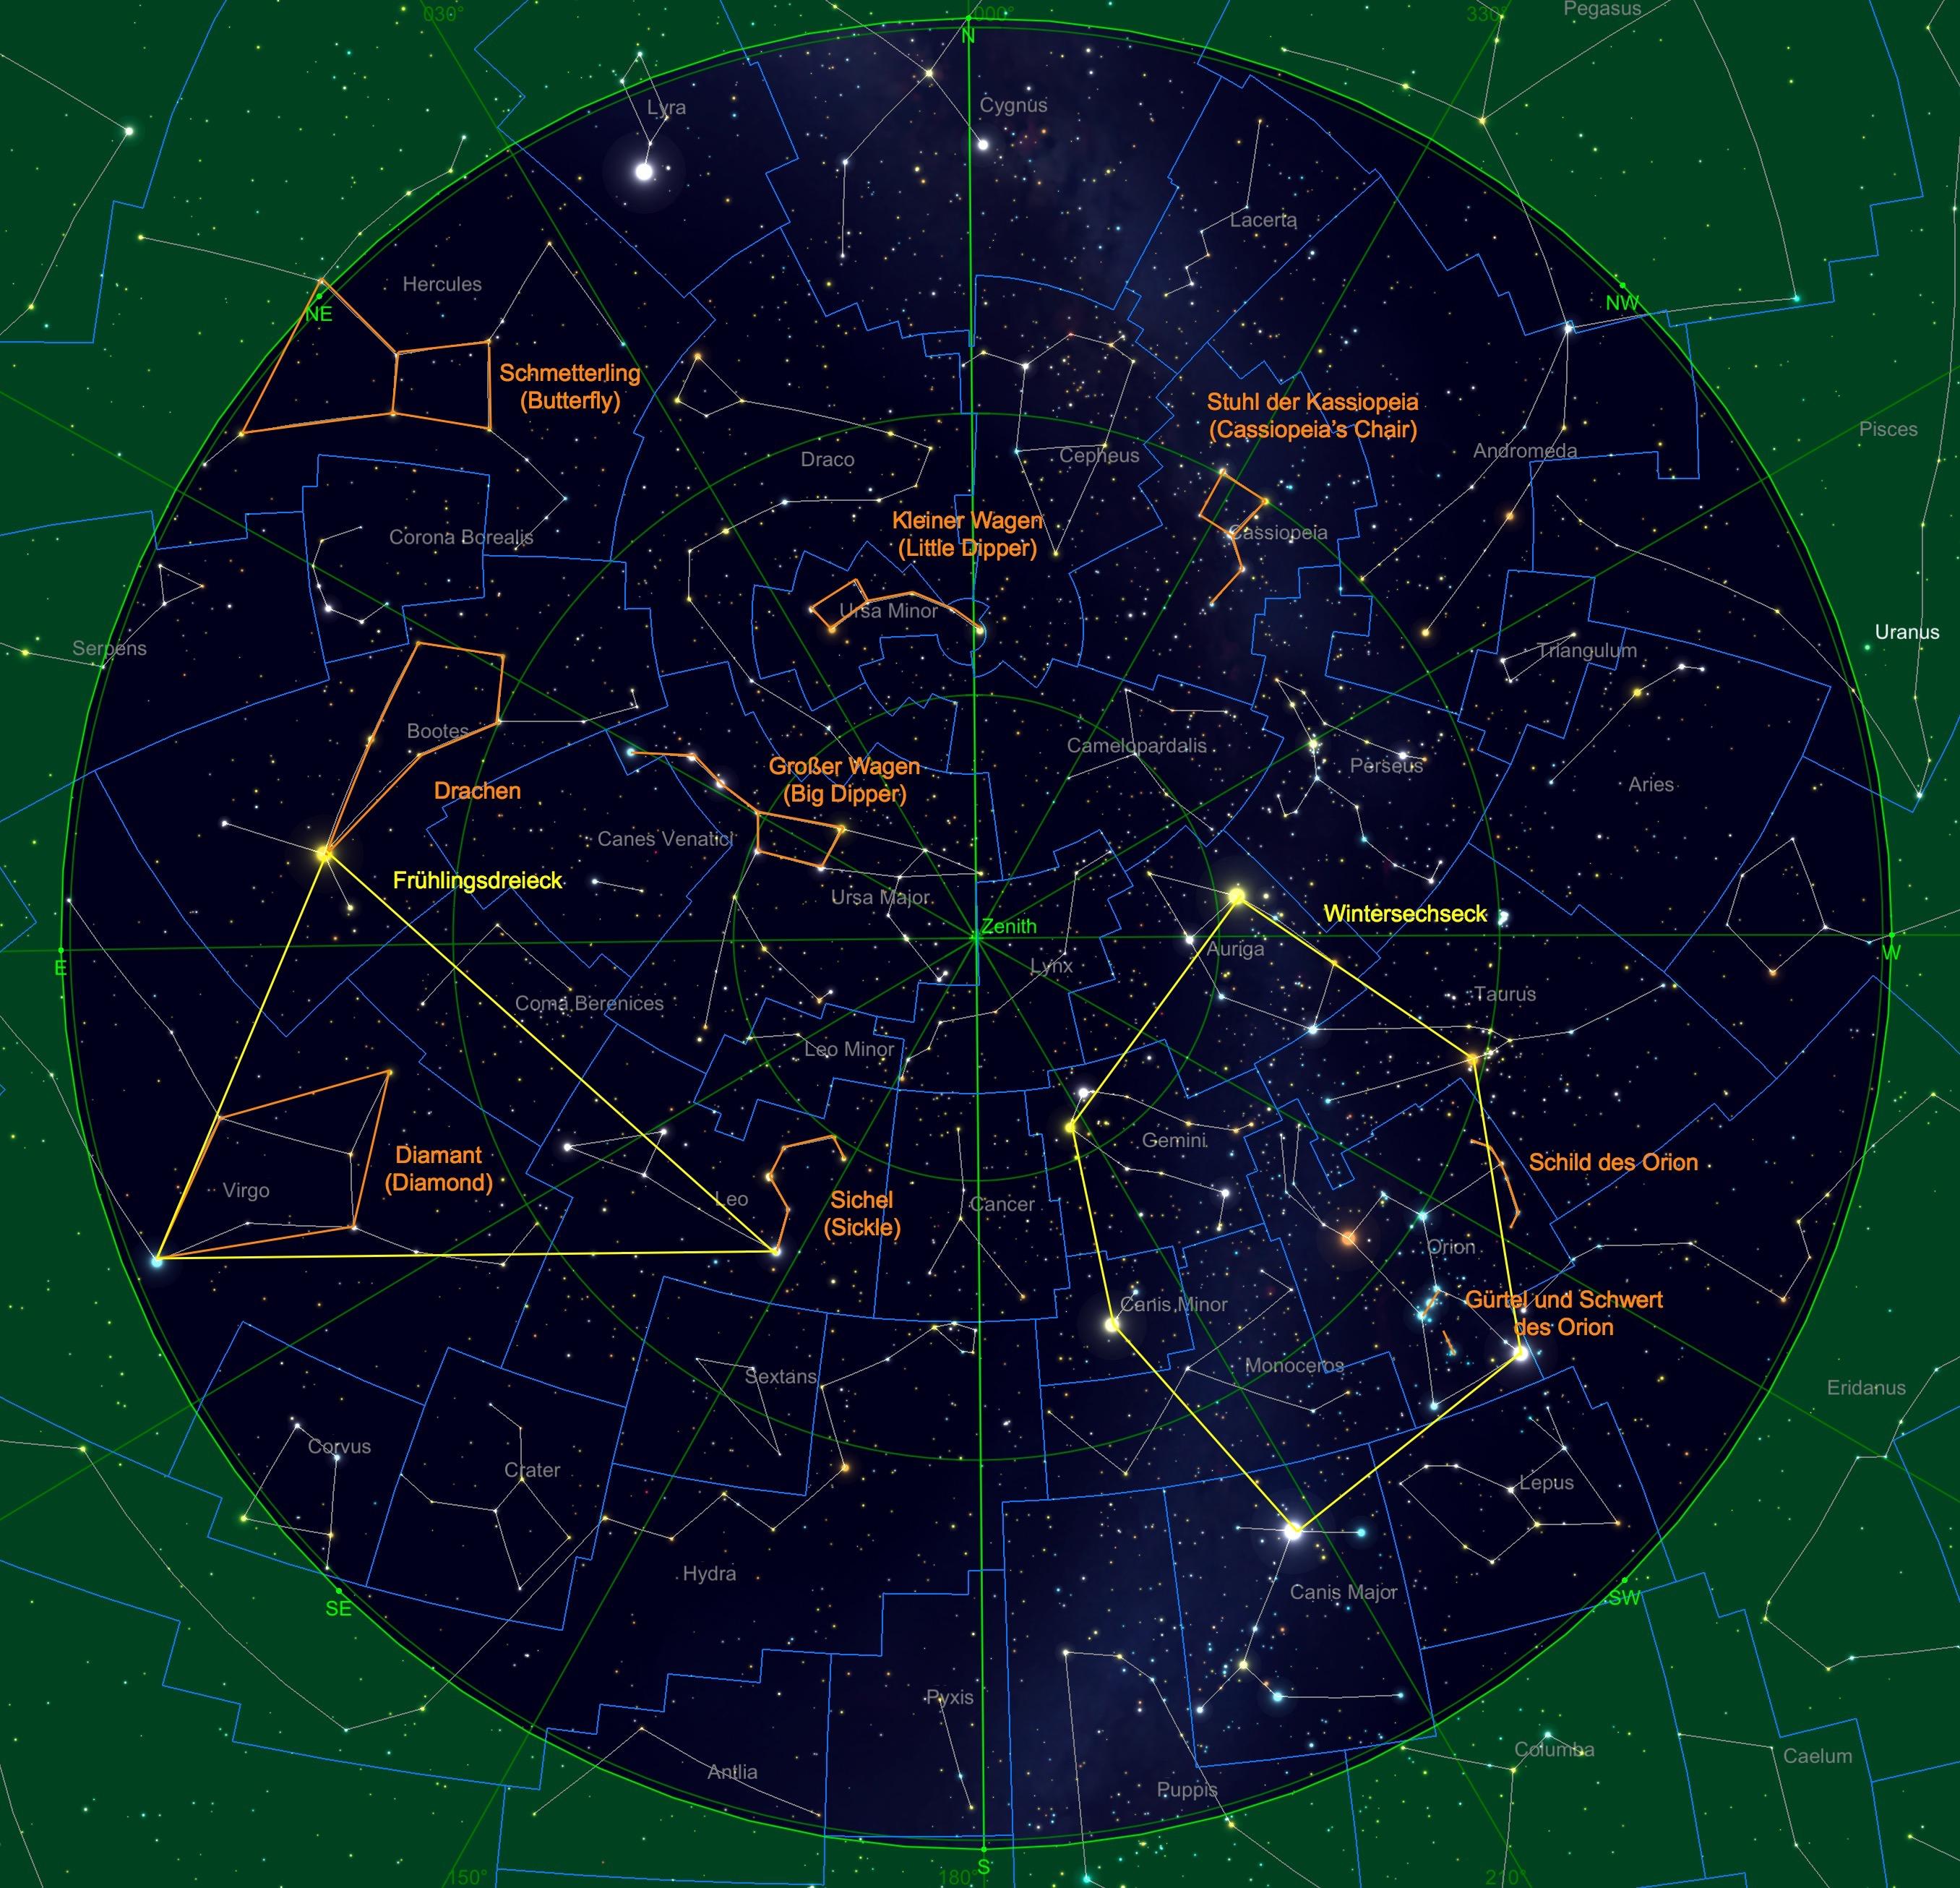 Sternhimmel am 15.02.20, 23:00 Uhr